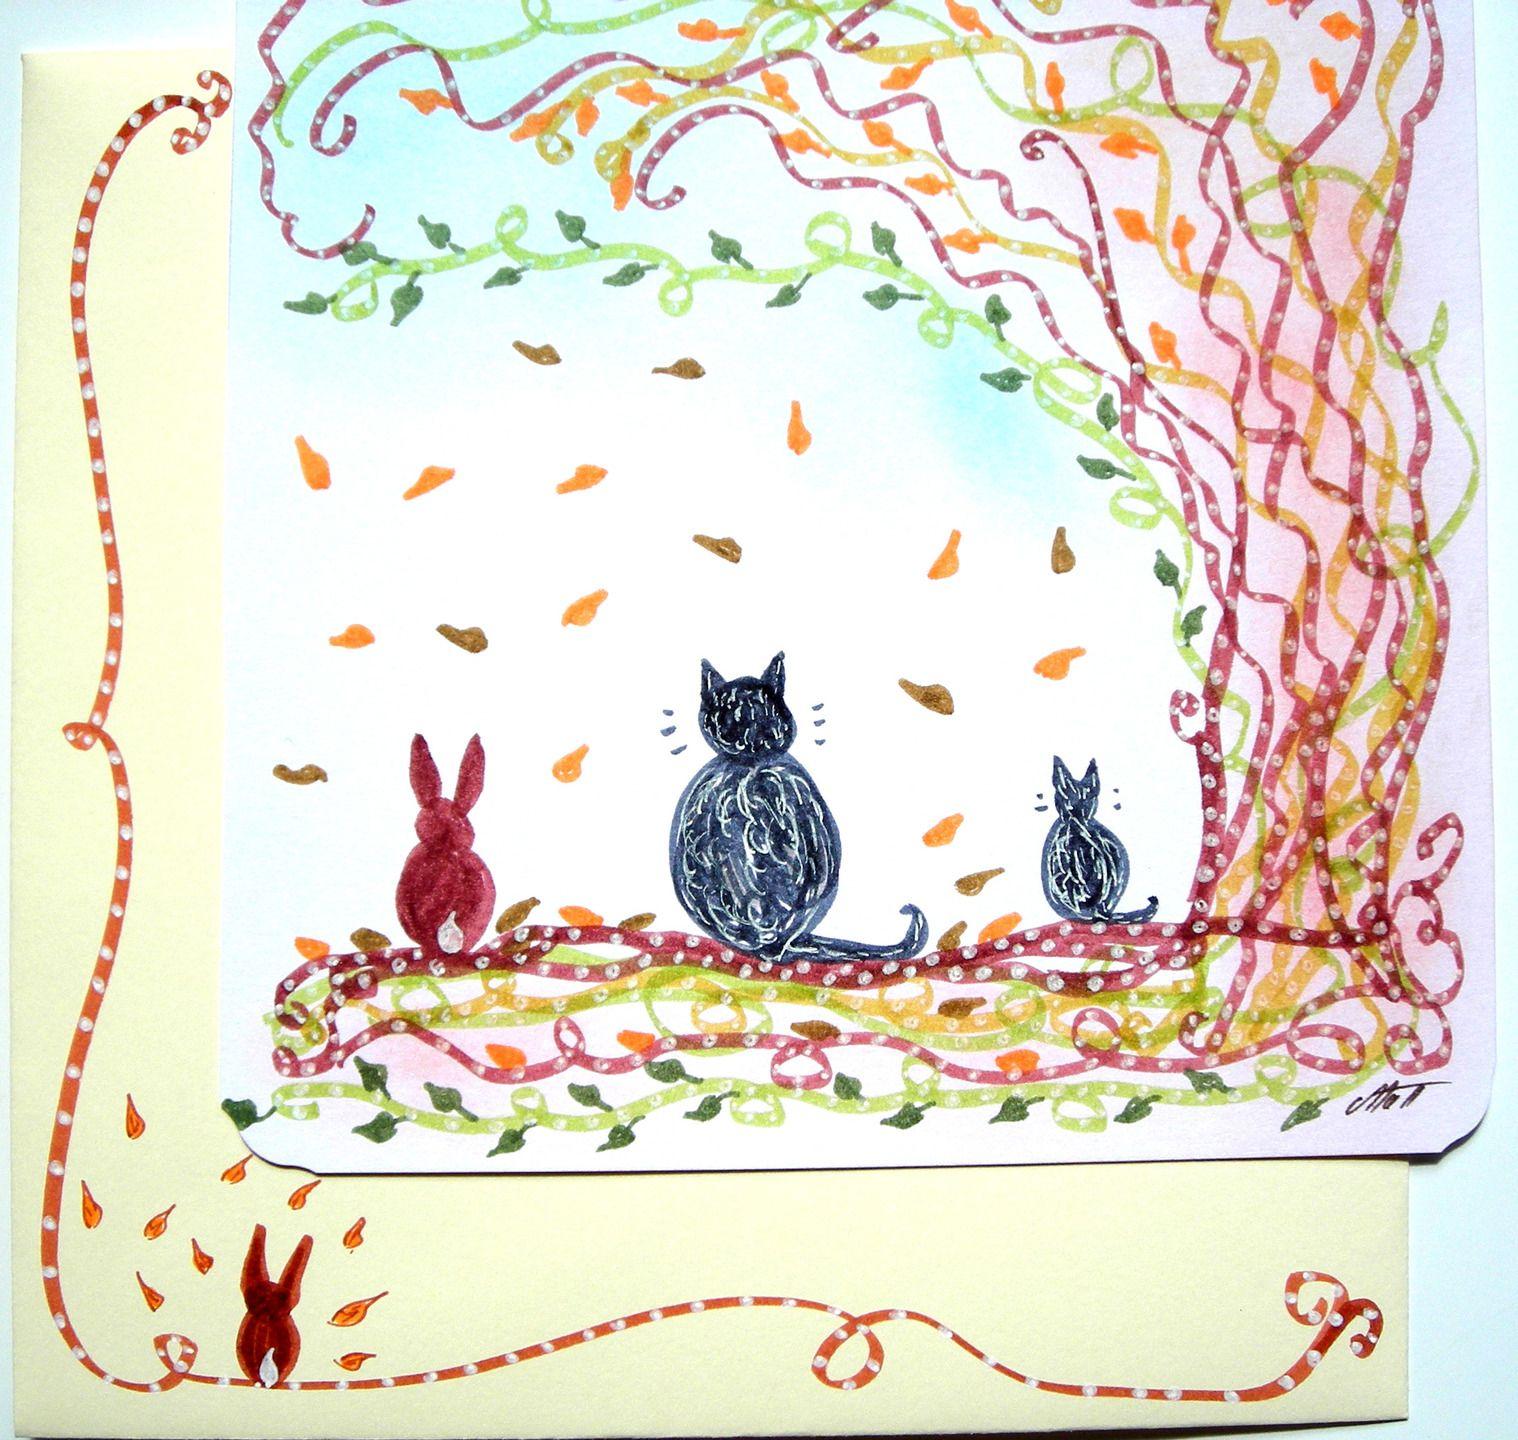 Très jolie carte postale dessinée accompagnée de son enveloppe assortie : Automne N° 3. : Cartes par matt-et-les-petits-cadeaux